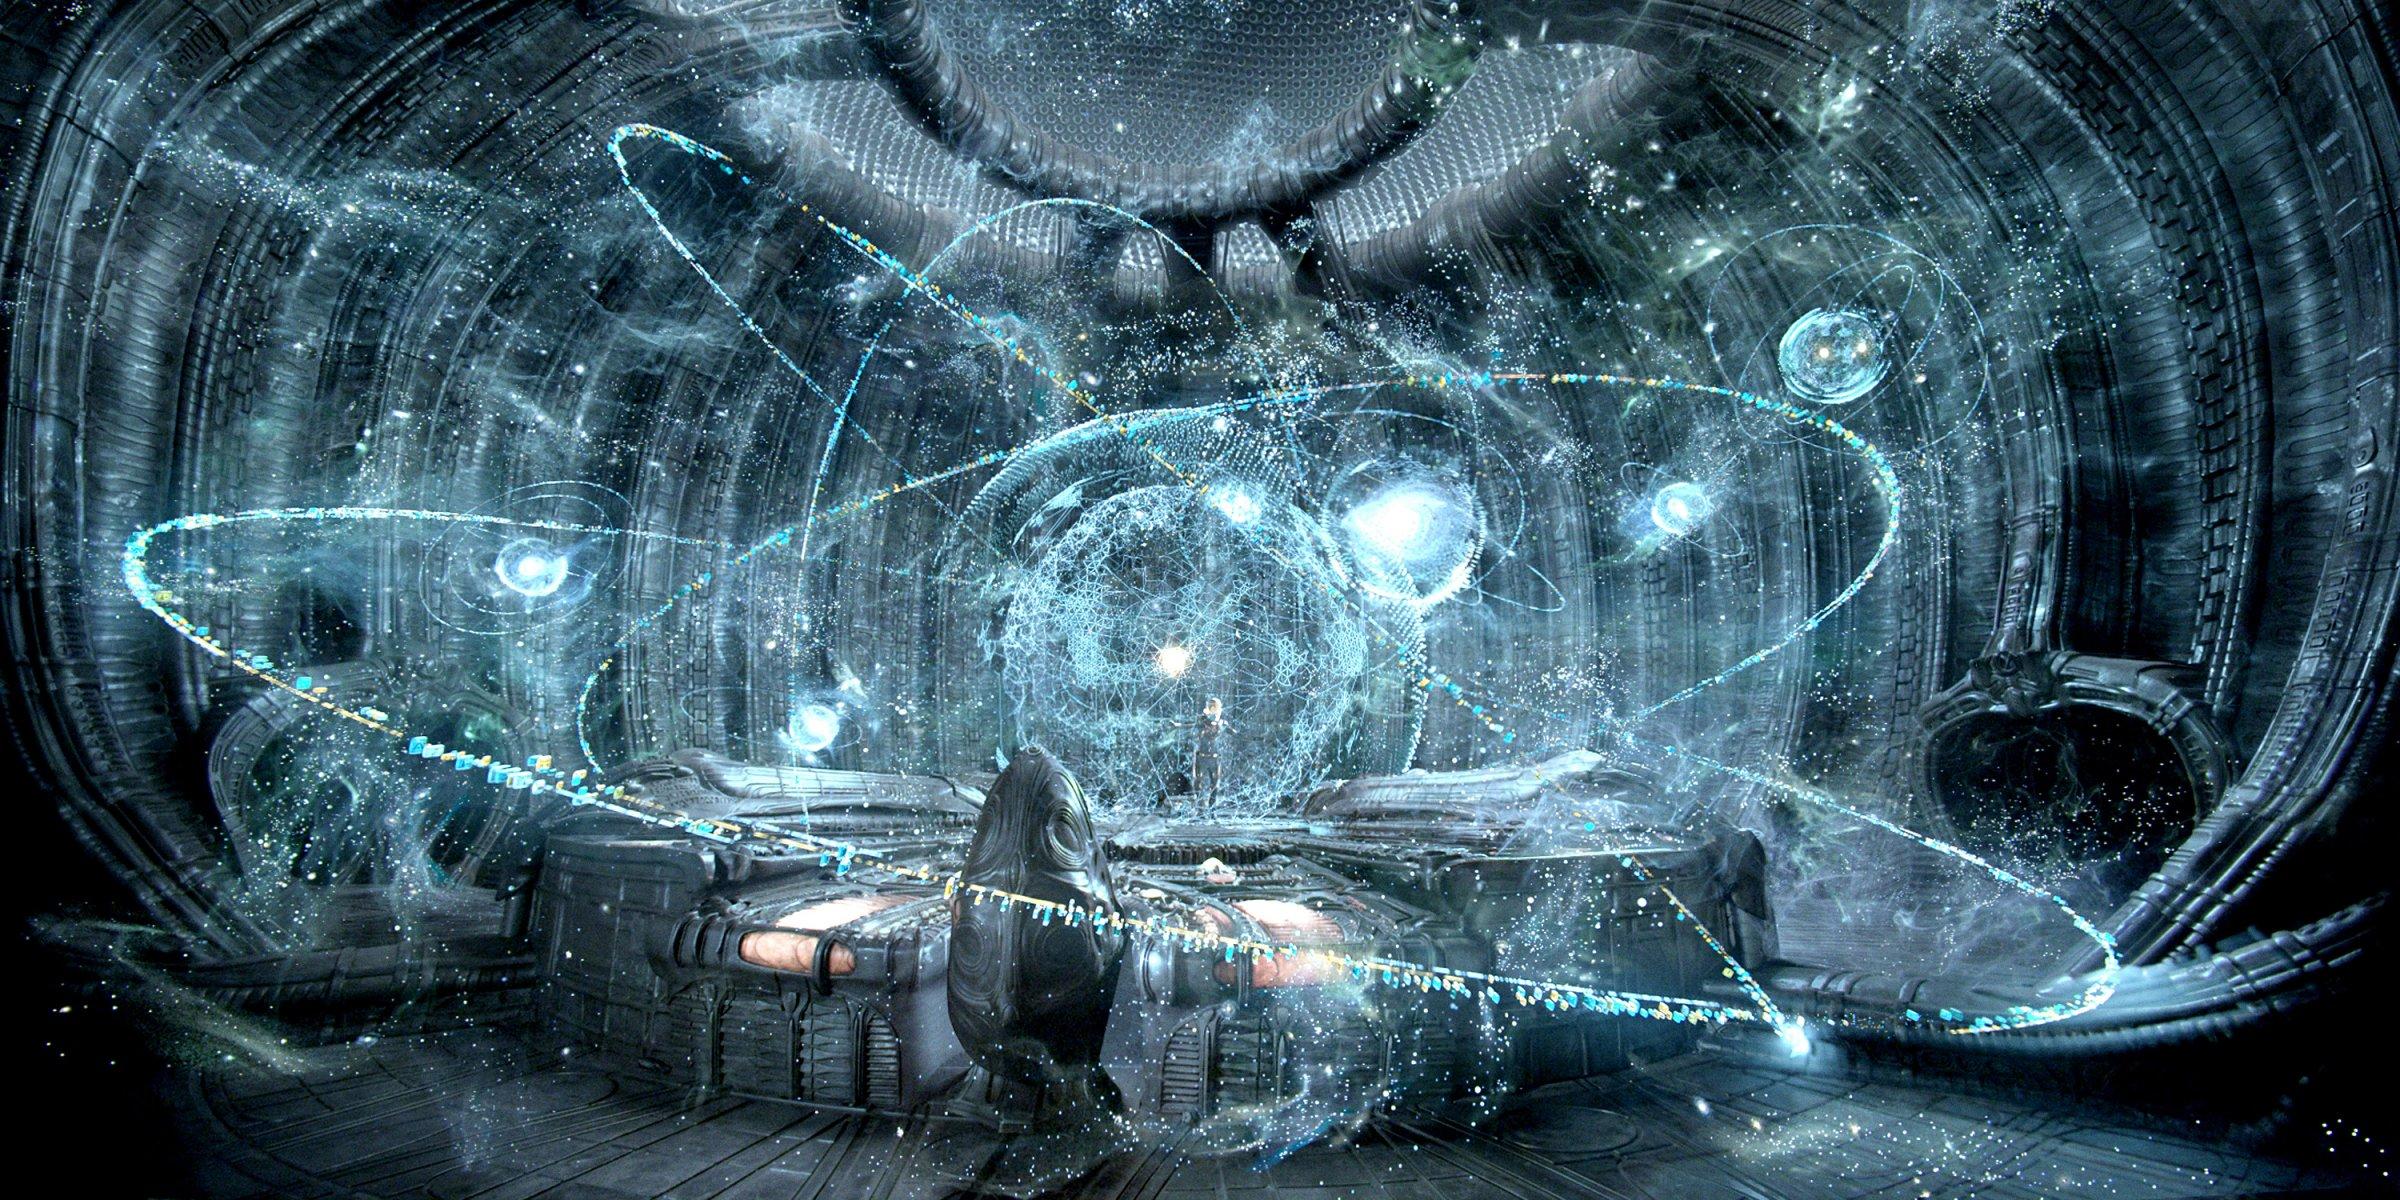 прометей кино фильм ридли скотт планеты миры научно